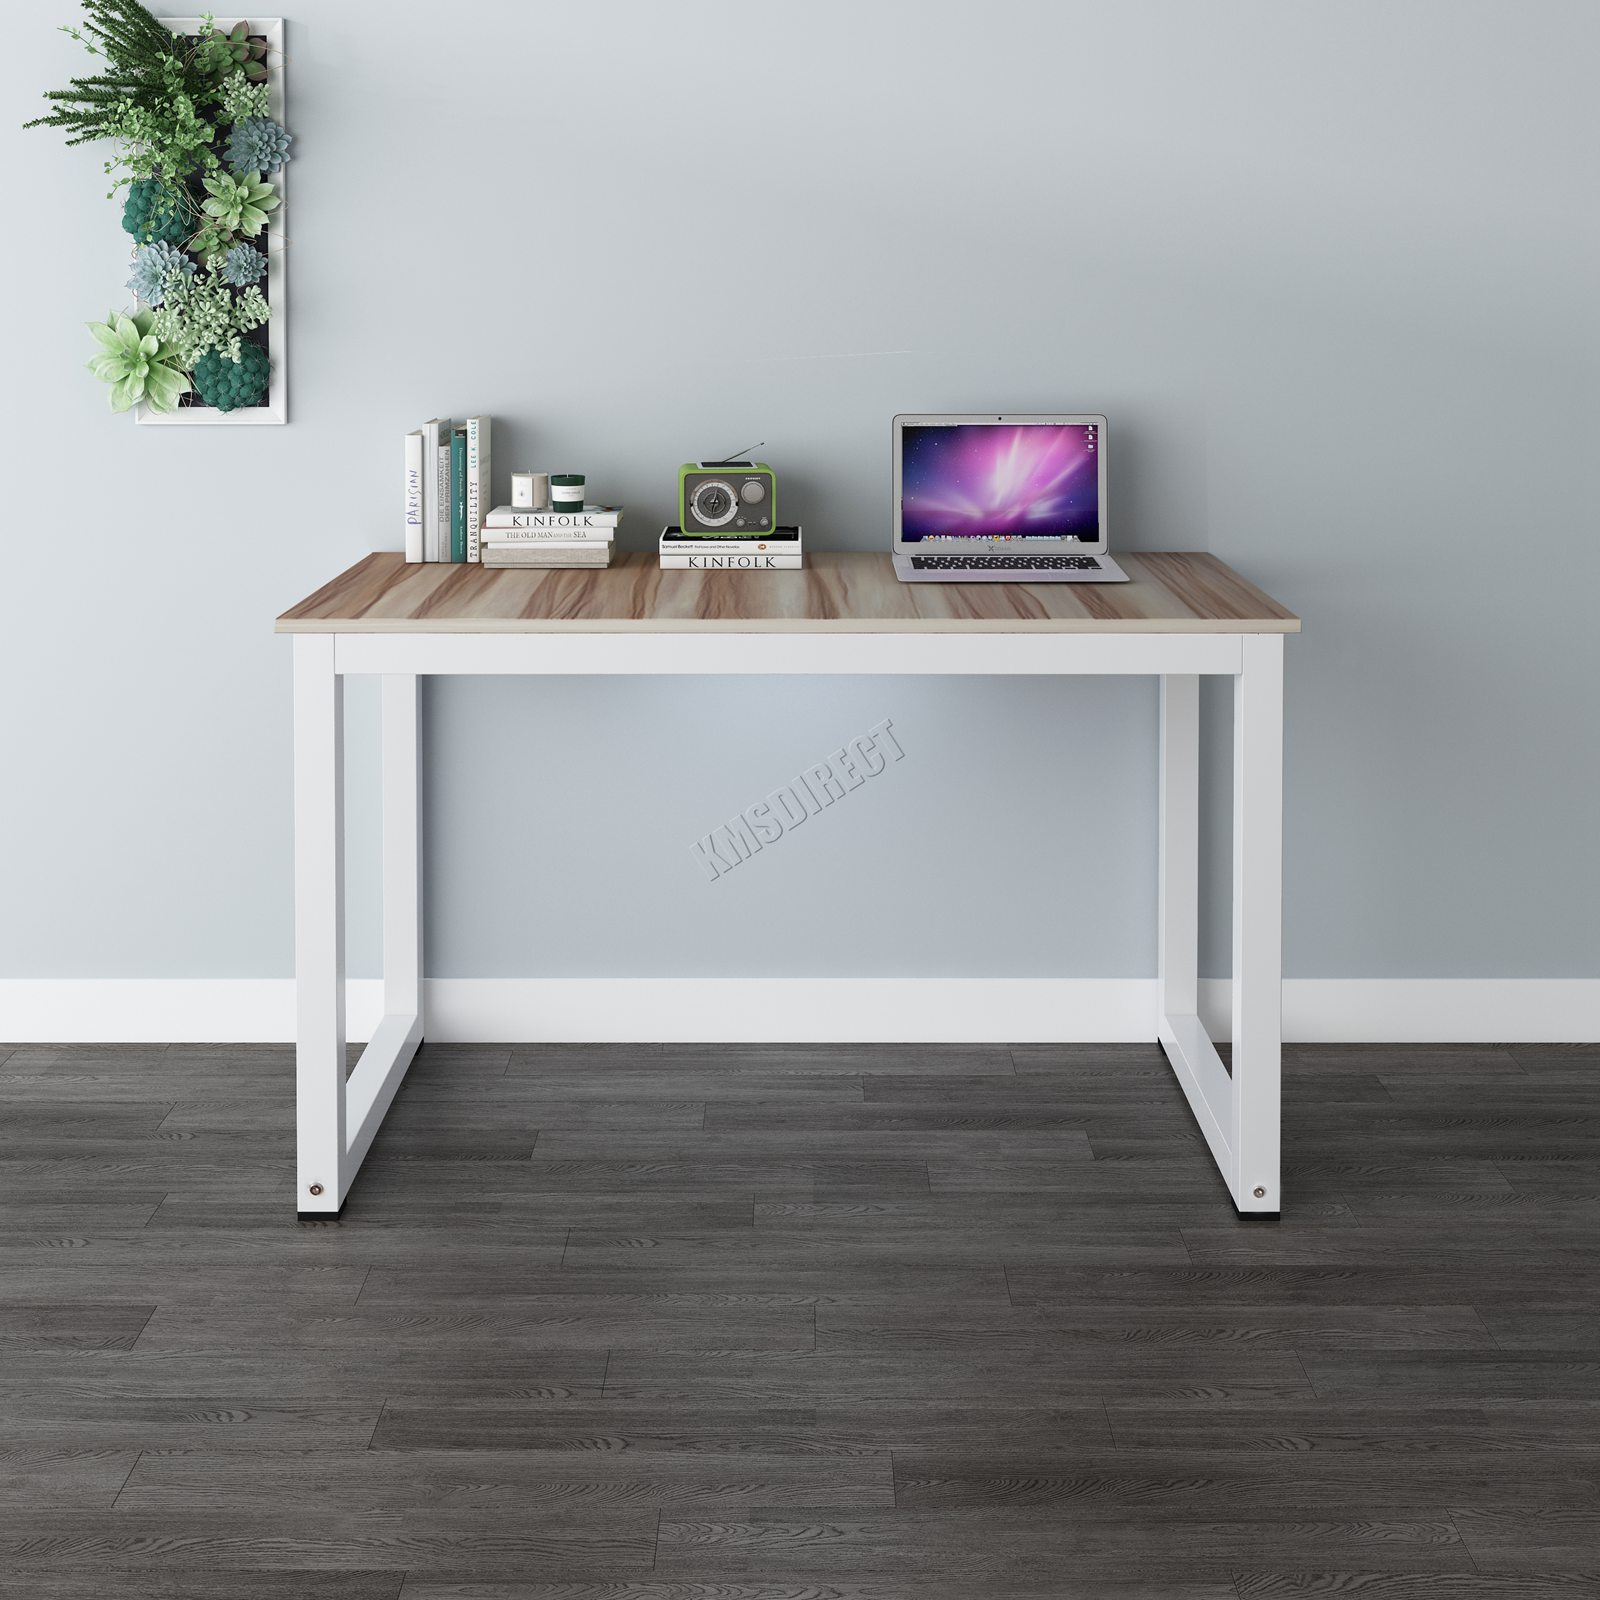 office workstation desk. picture 13 of 19 office workstation desk